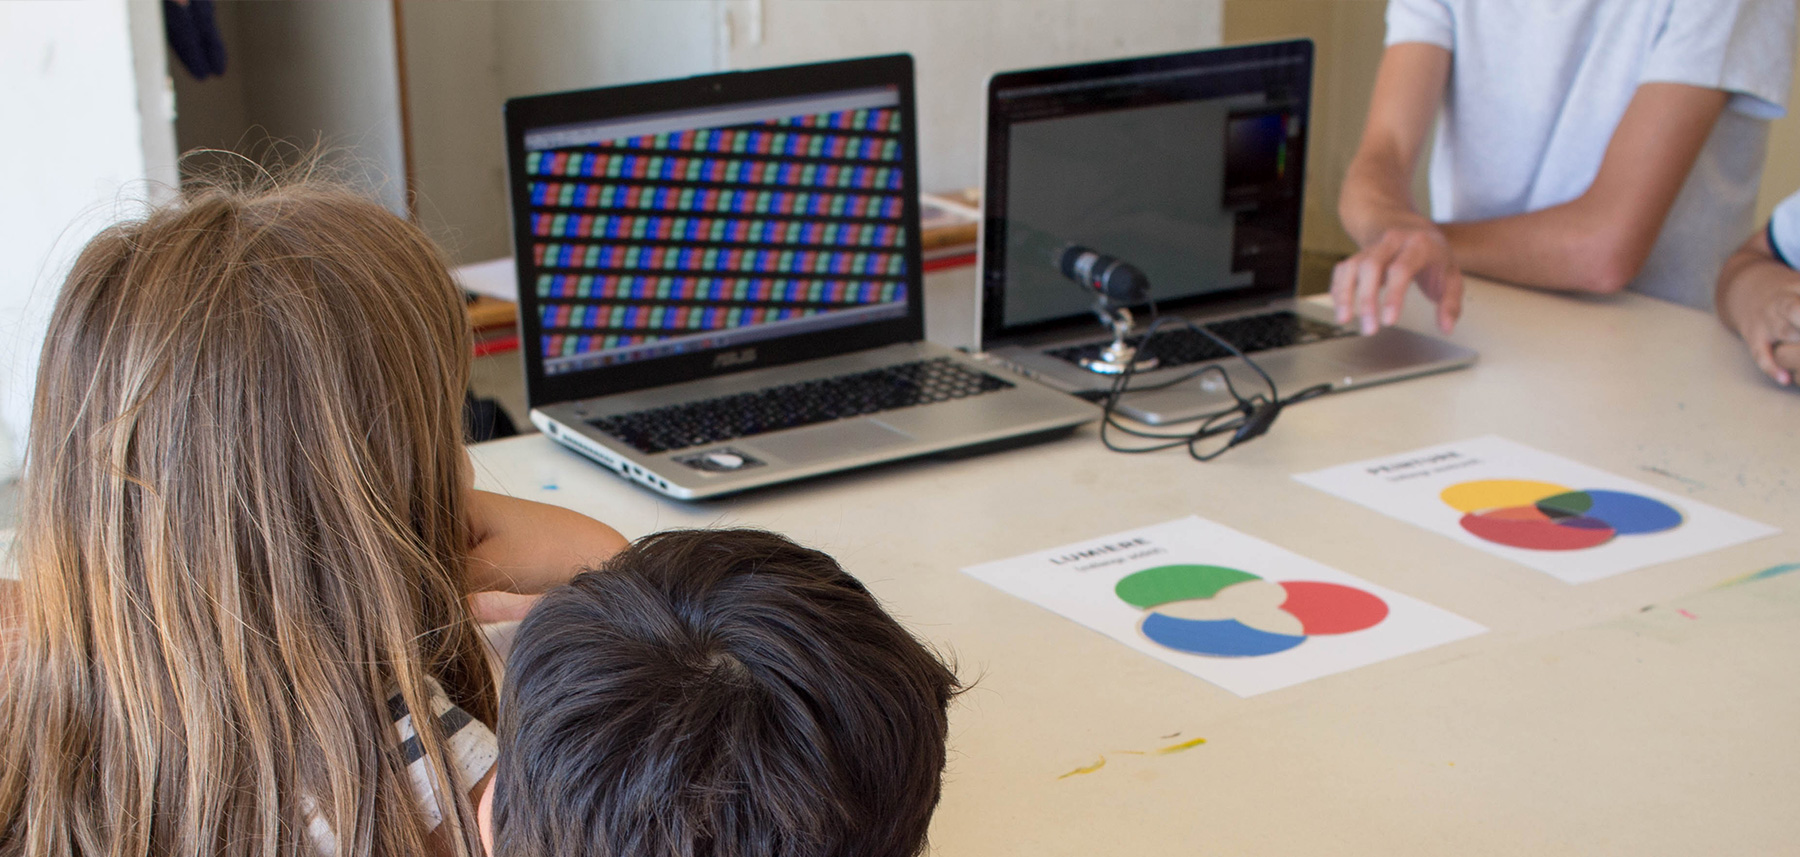 Ateliers élèves observent écran microscope